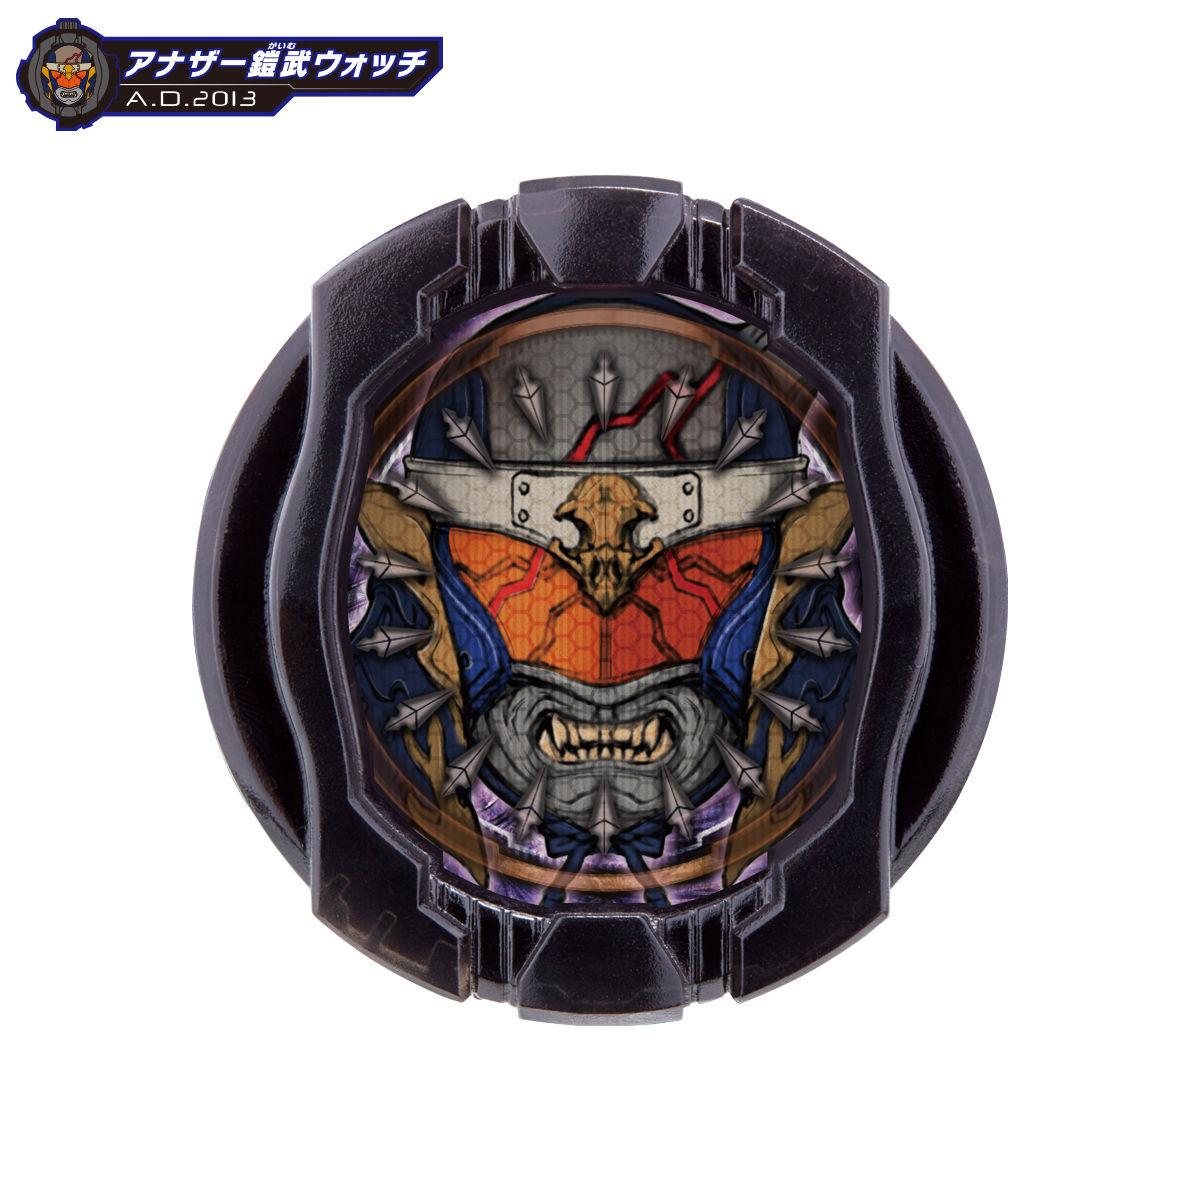 仮面ライダージオウ『DXアナザーウォッチセットVOL.2』変身なりきり-005